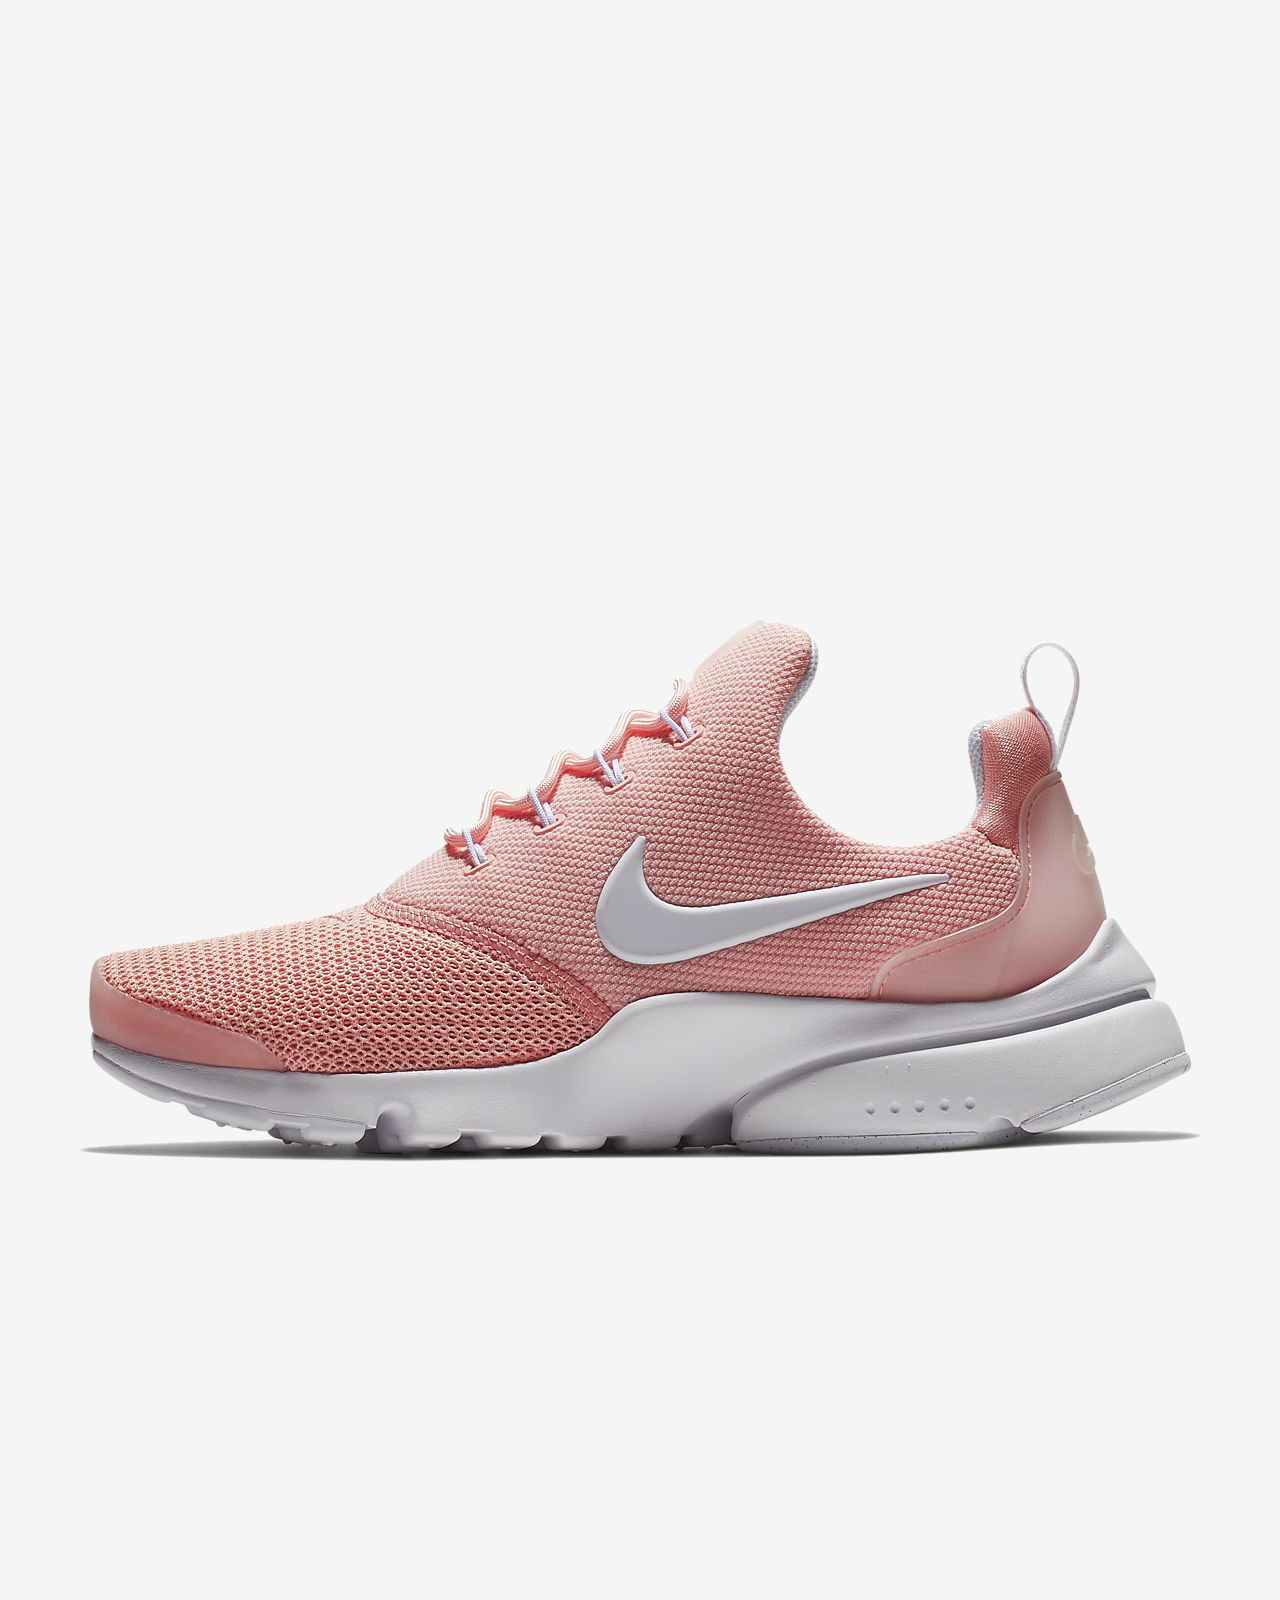 62e2e53de753 Nike Presto Womens Size Chart